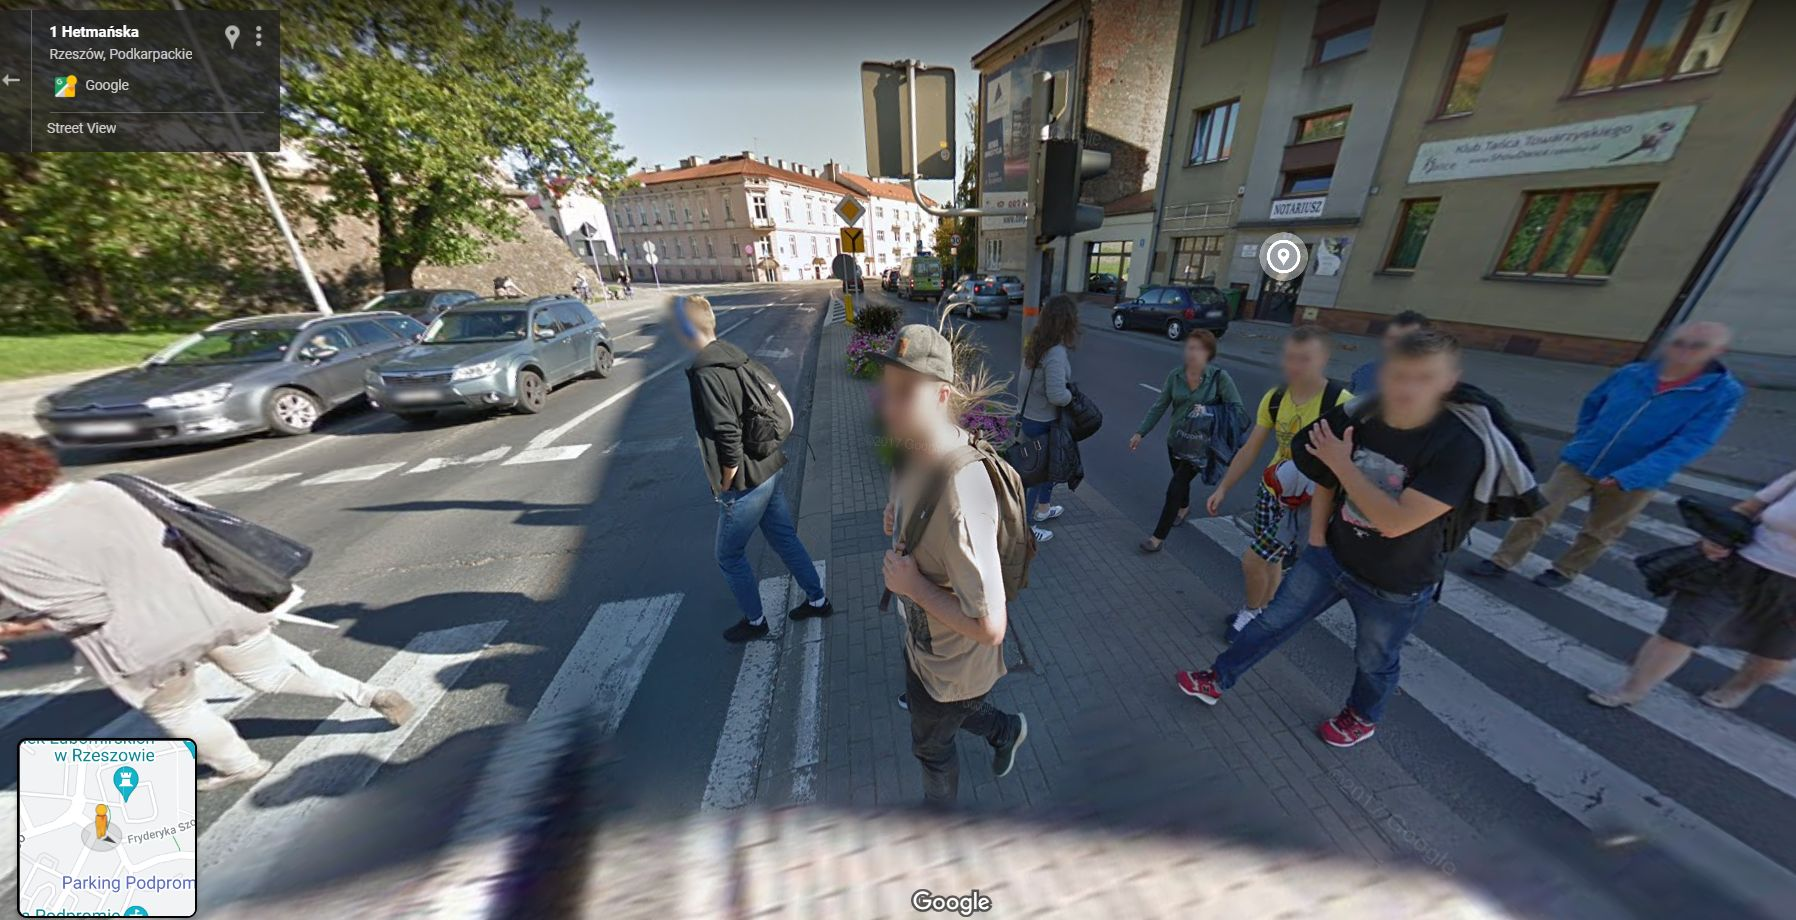 Na spacerze, zakupach i nie tylko. Przyłapani przez Google Street View na Podkarpaciu [ZDJĘCIA] - Zdjęcie główne